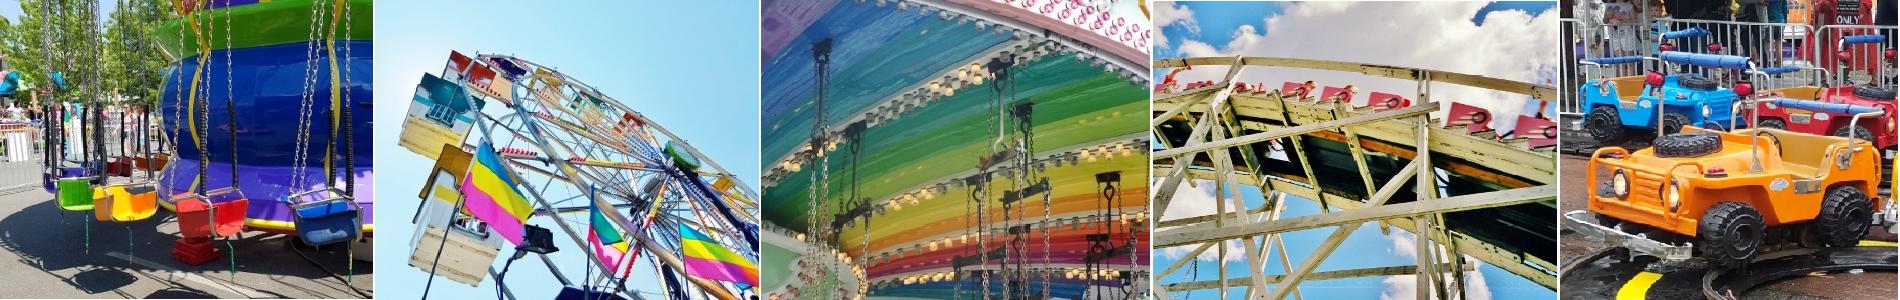 carnival slider